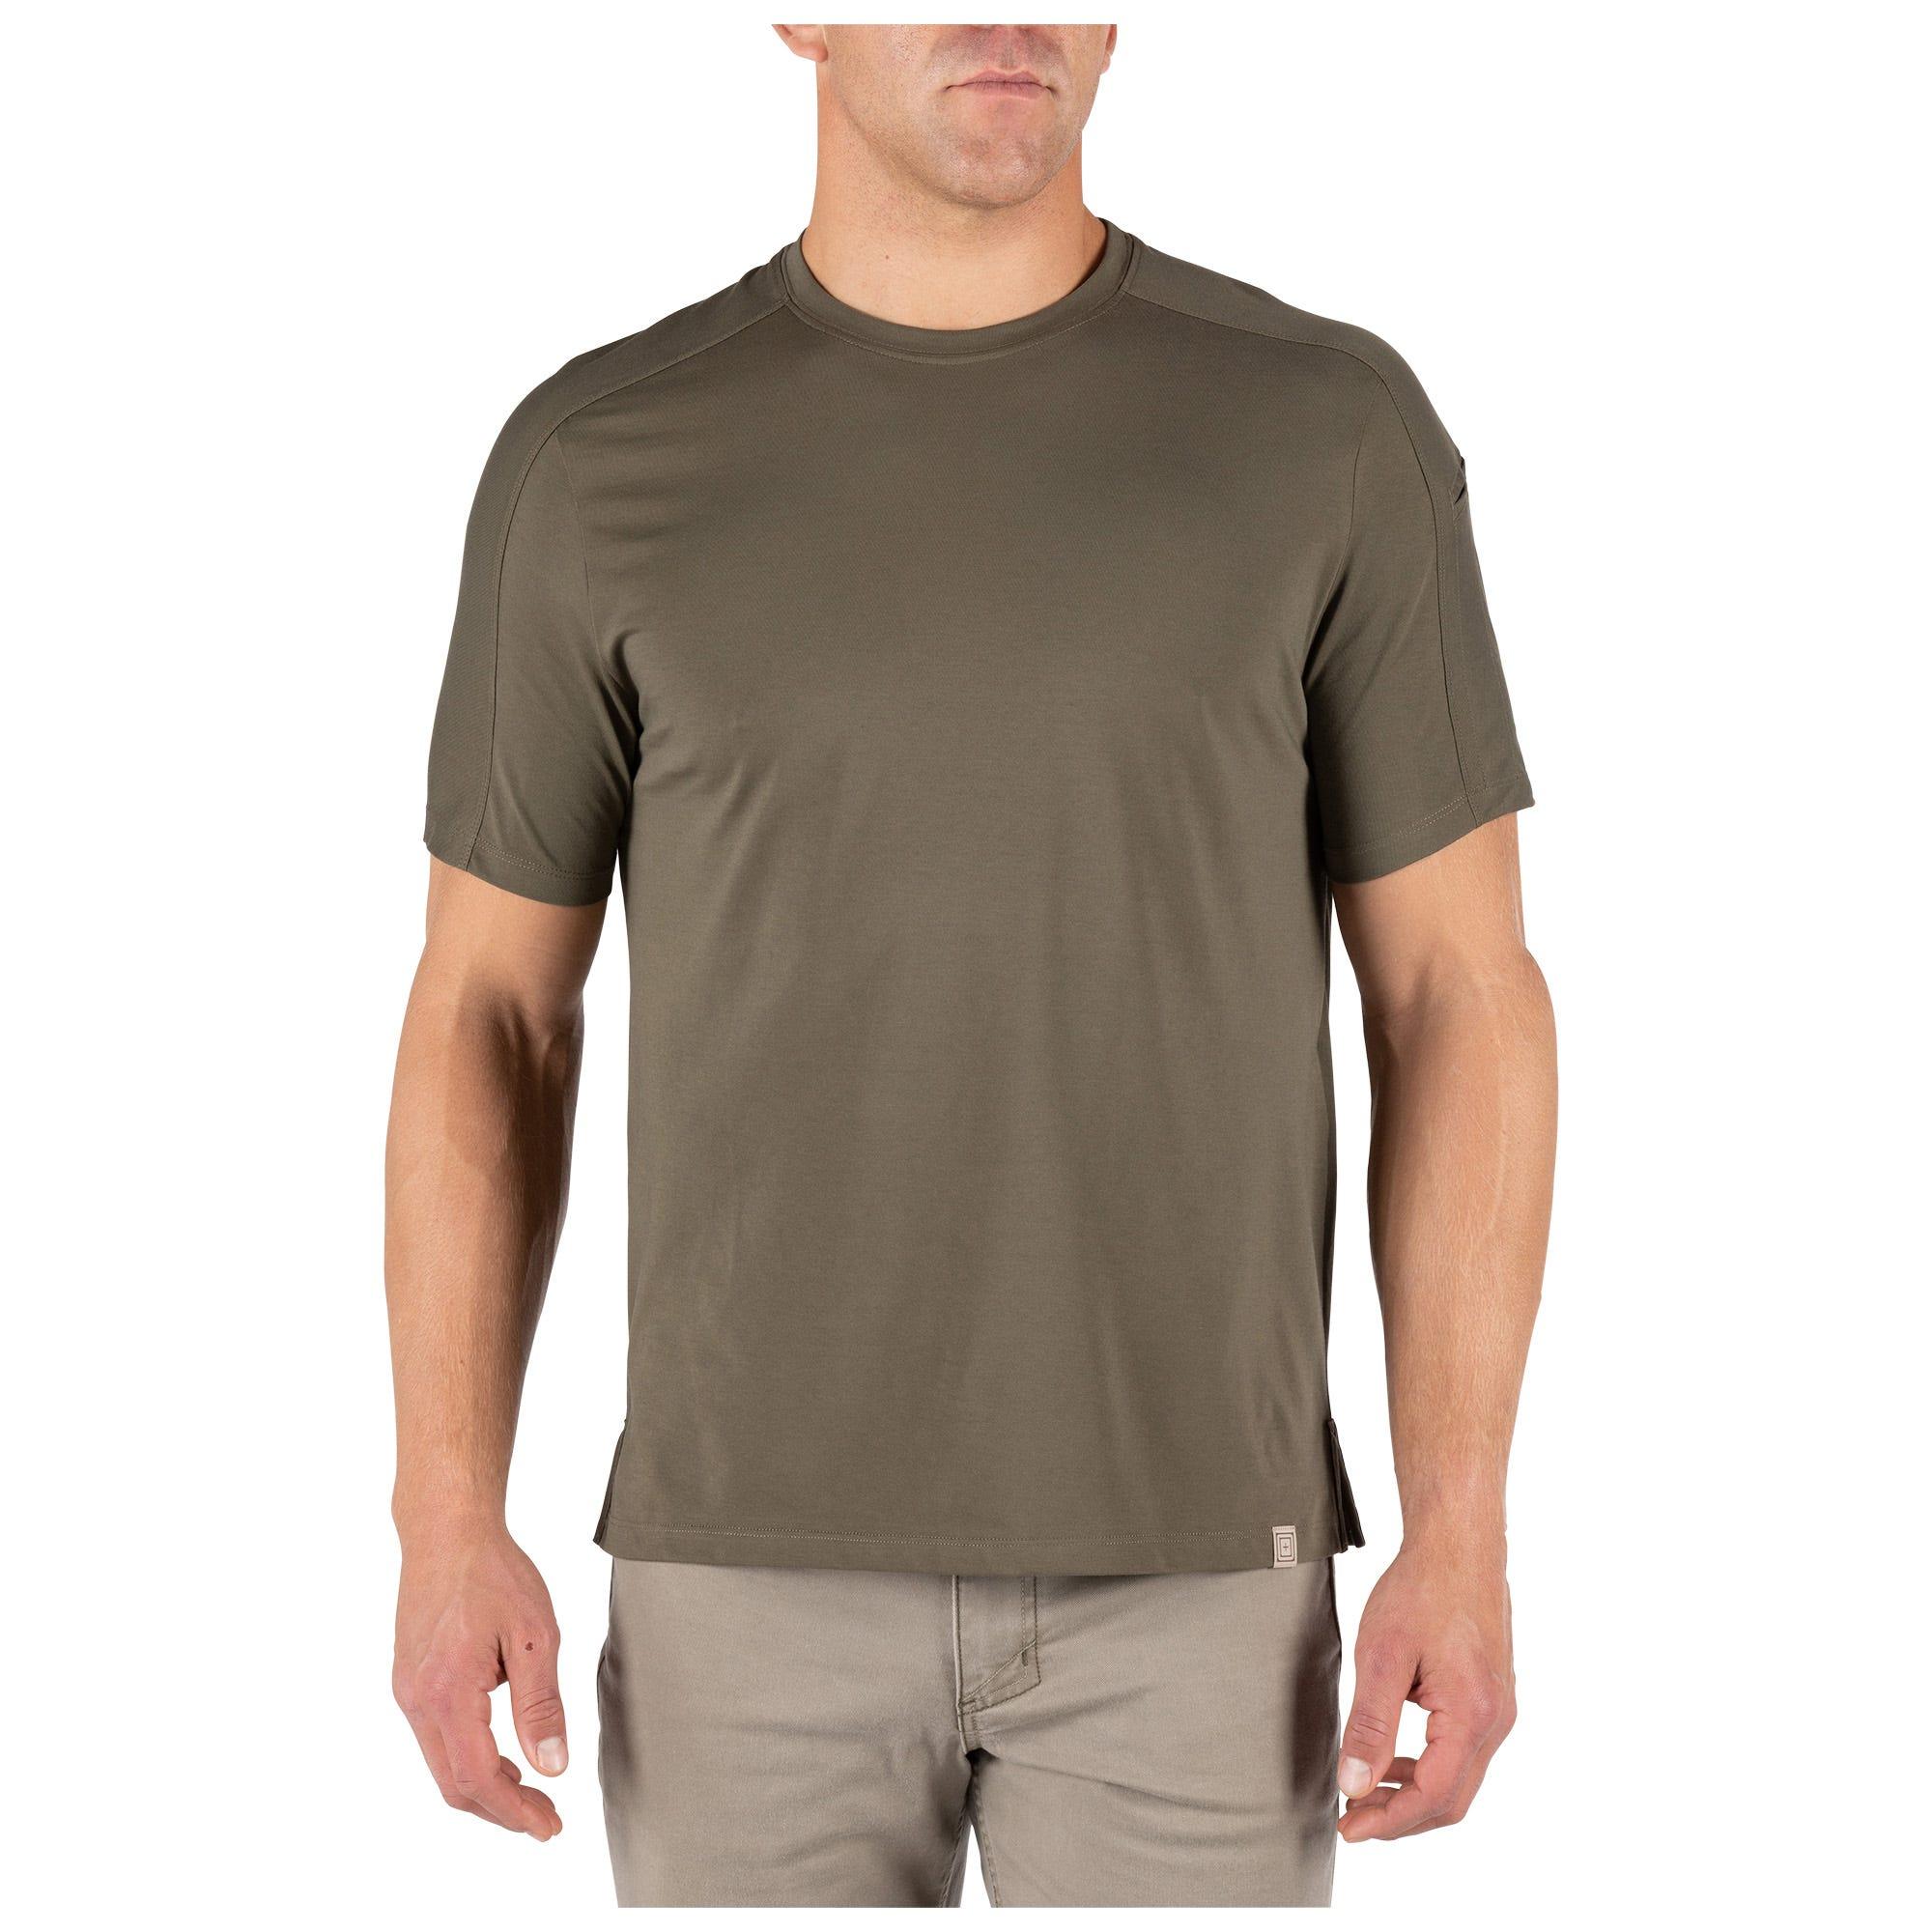 34314d32b $29.99. Delta Short Sleeve Crew. $49.99. Women's 5.11 Tactical Pant